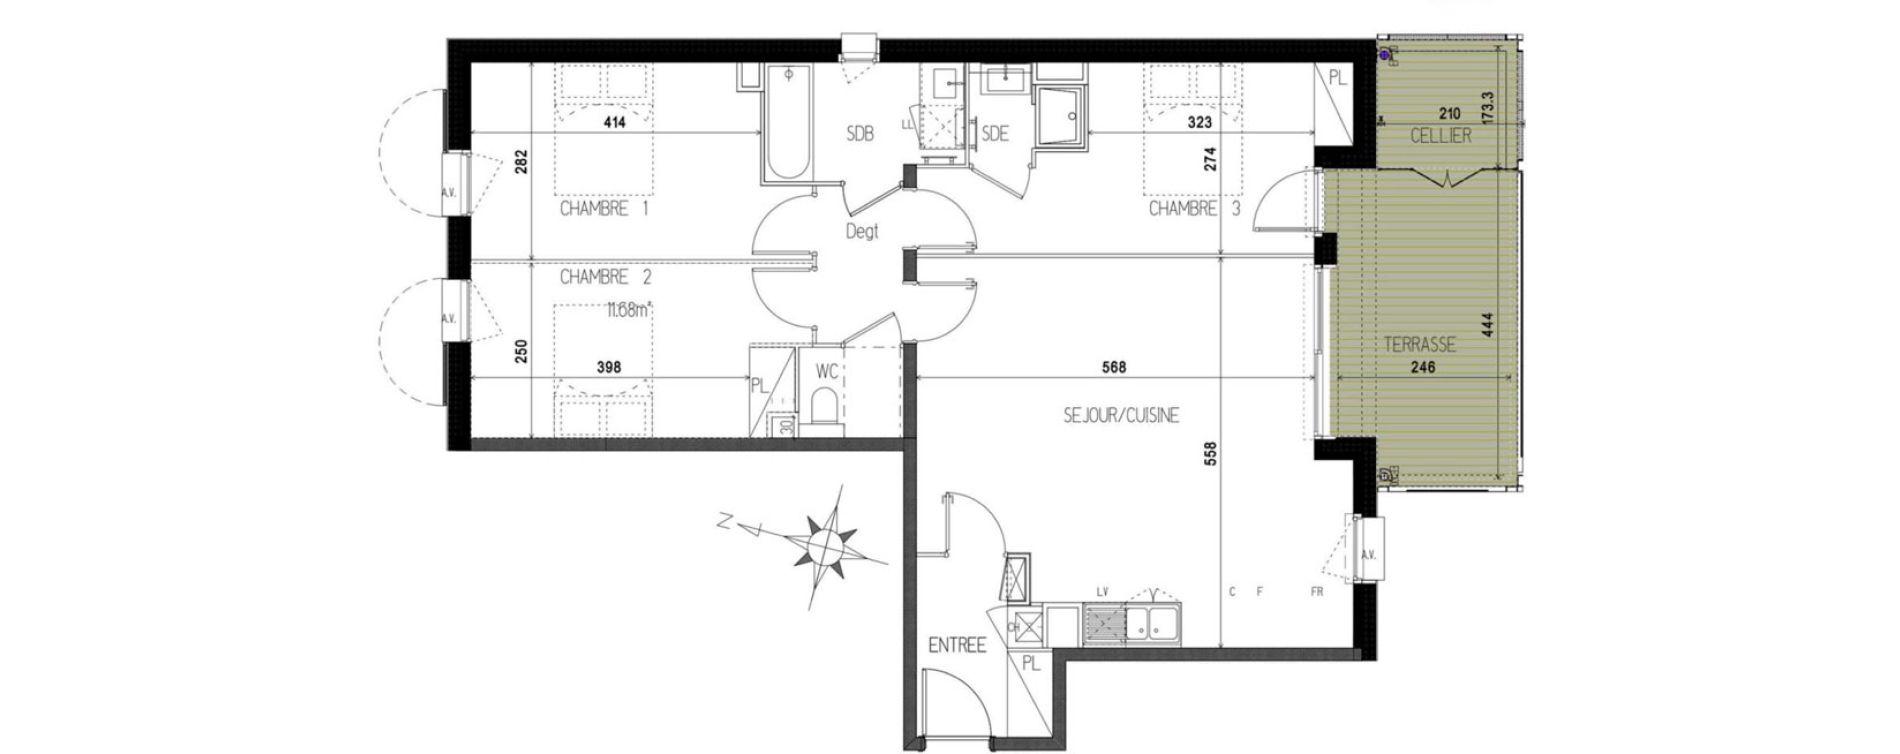 Appartement T4 de 83,03 m2 à Castanet-Tolosan Castanet tolosan centre